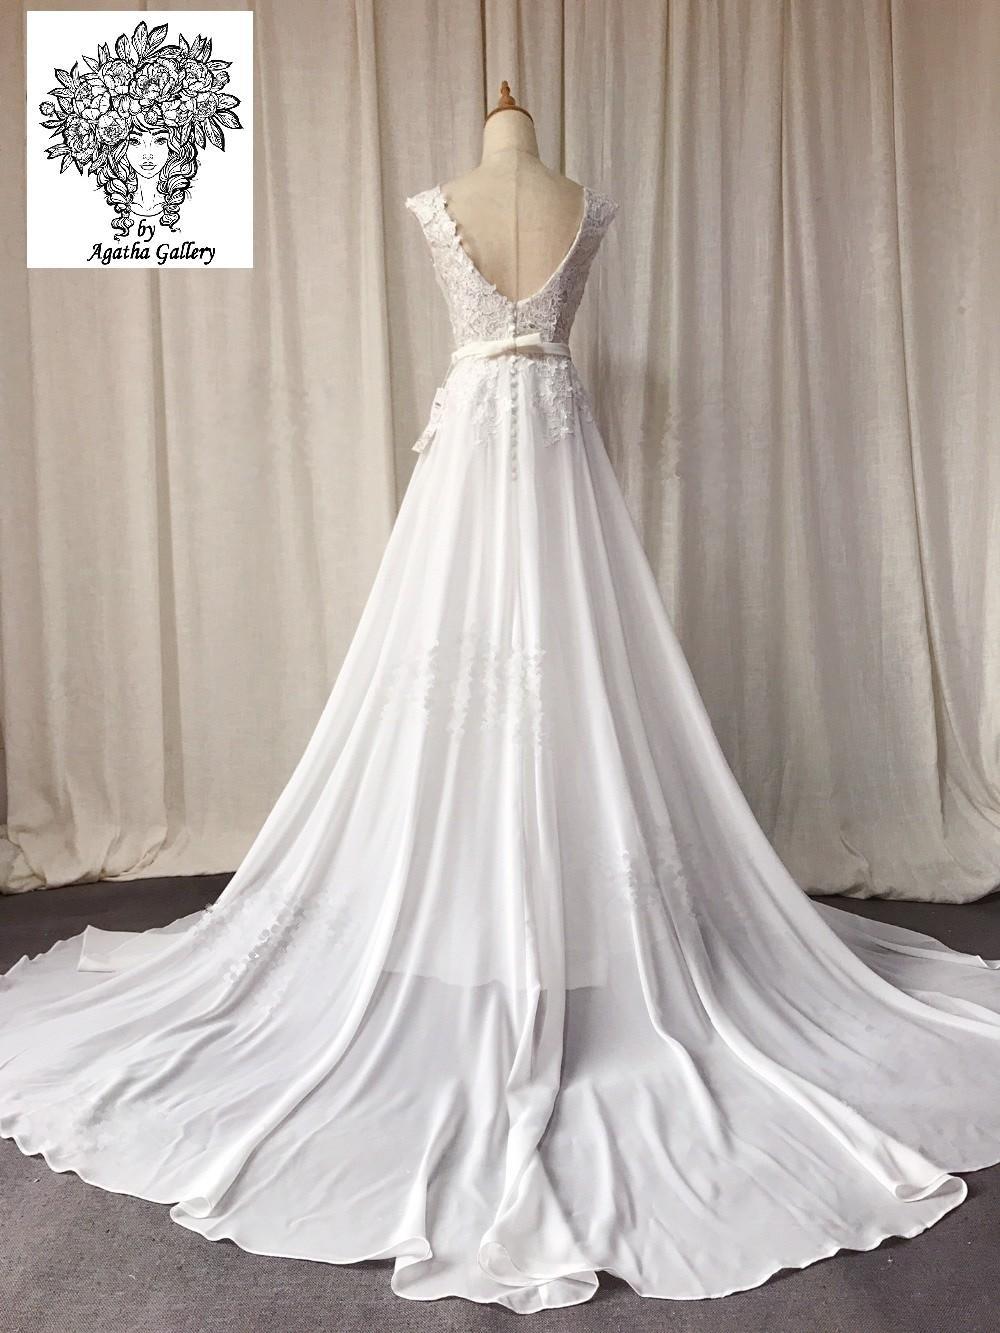 Dlhé svadobné šaty - EU 36/38 - Obrázok č. 3